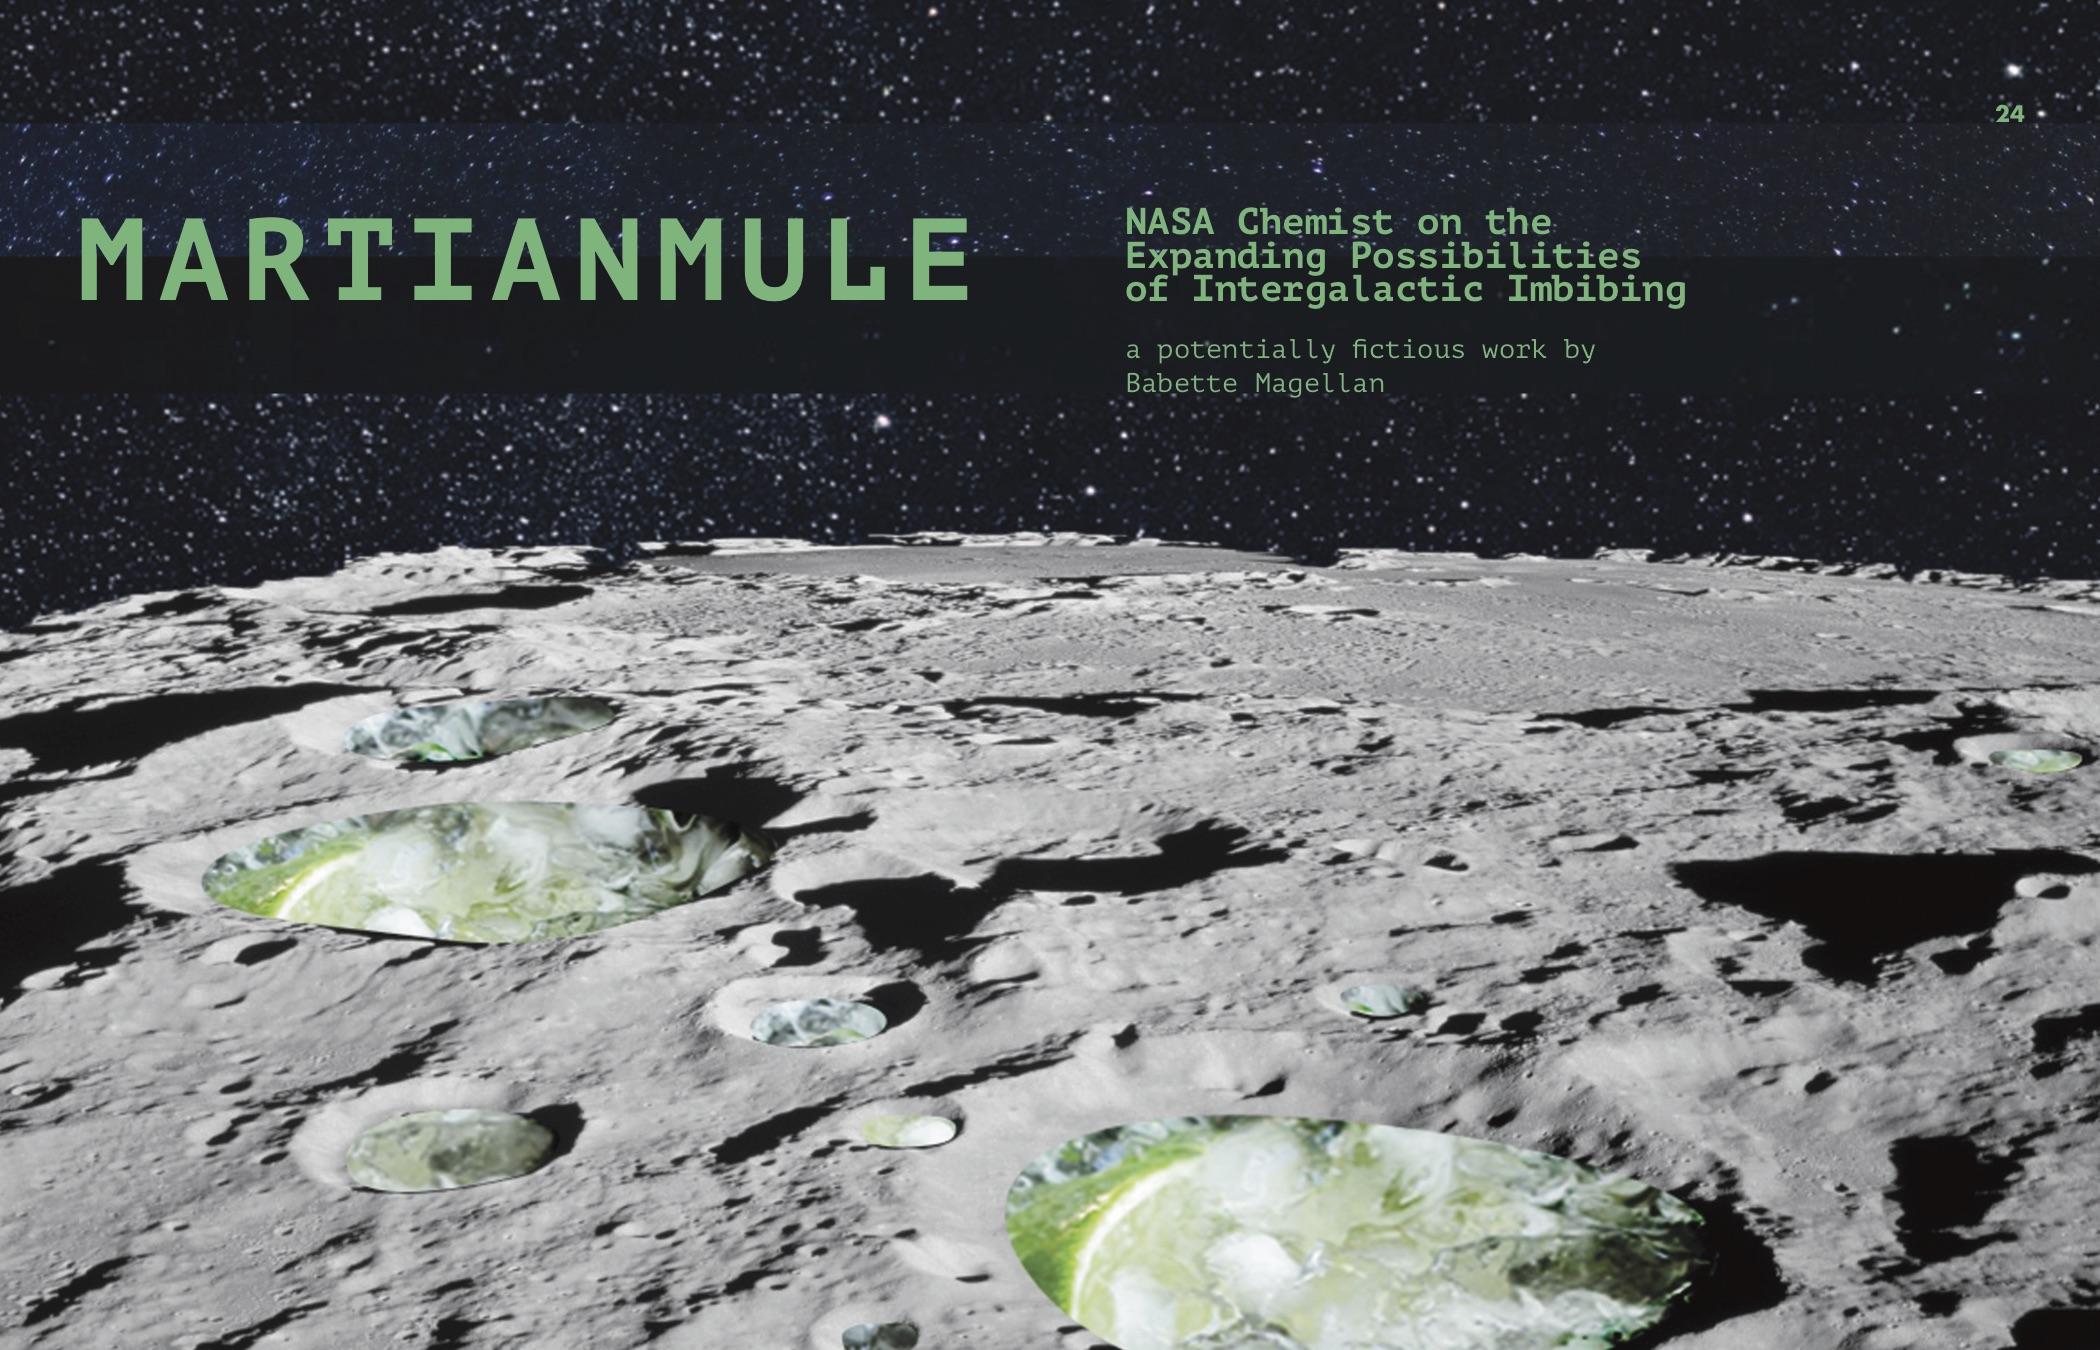 MartianMule